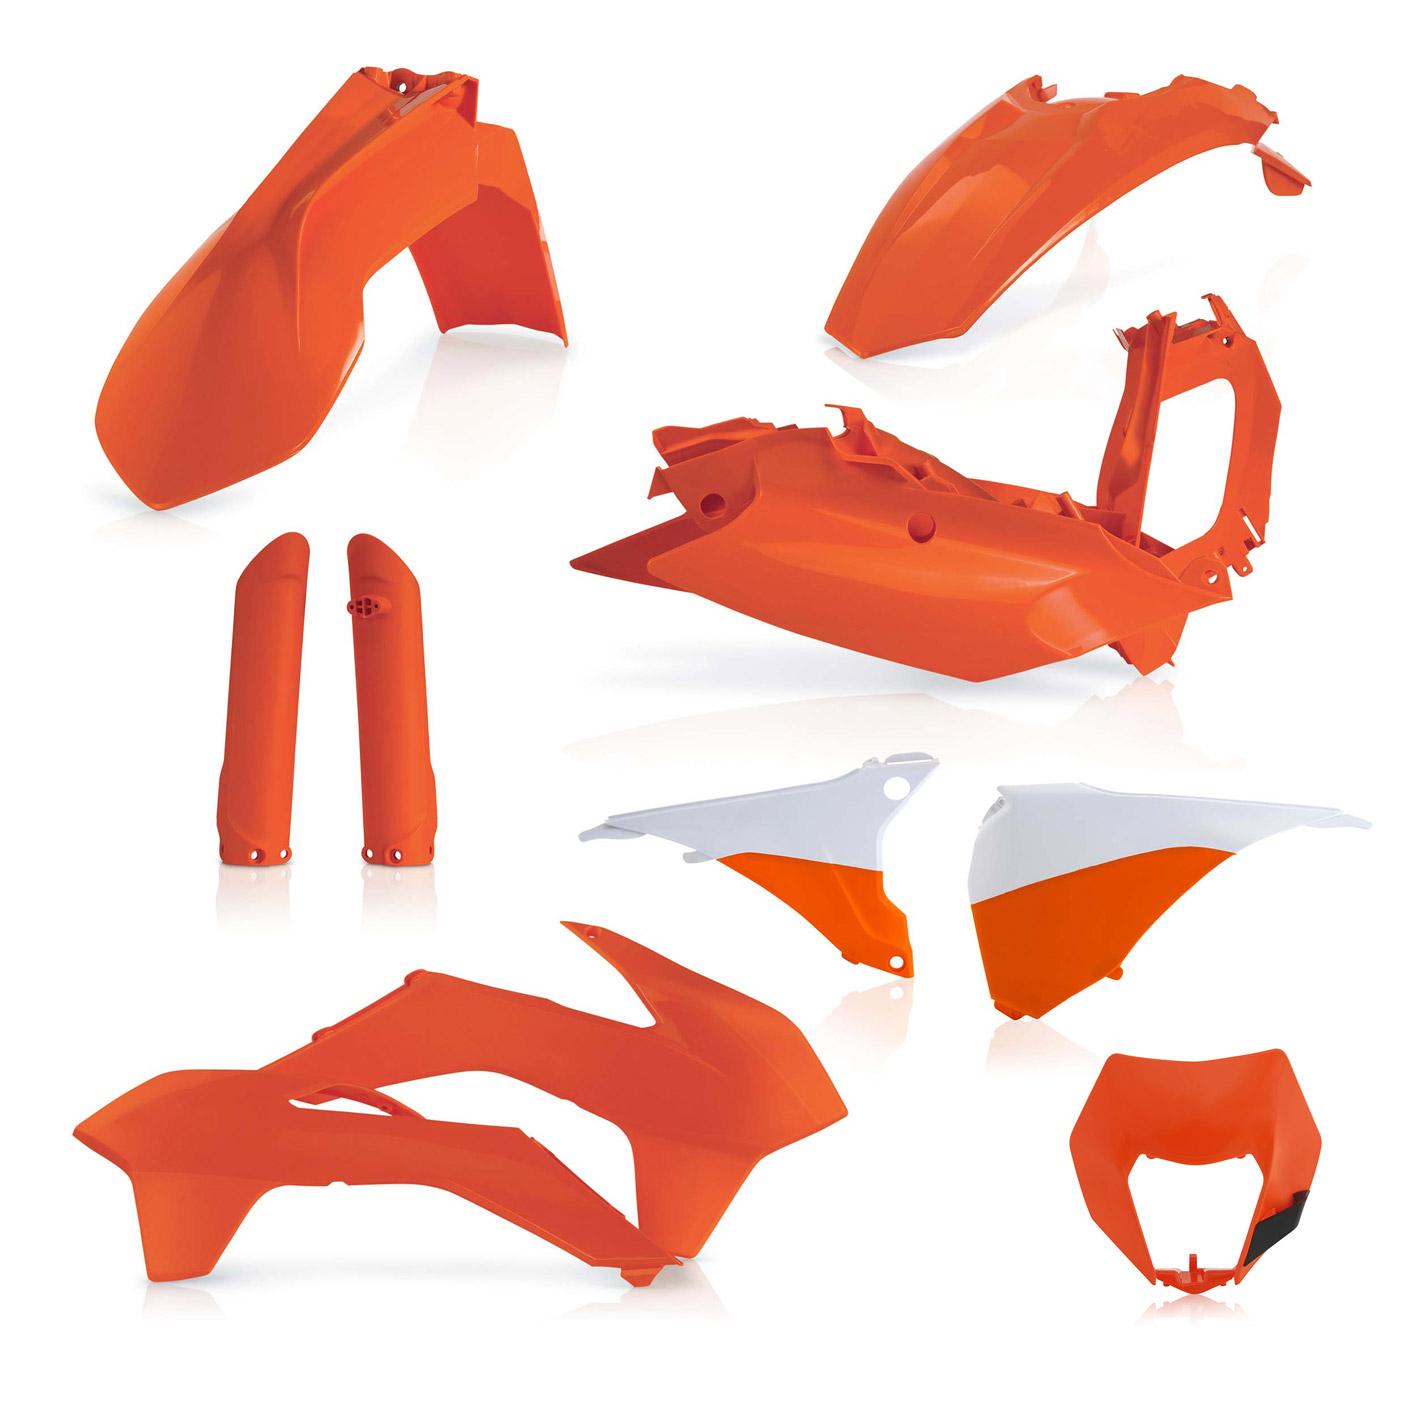 Plastikteile für deine KTM EXC und EXC-F in orange, bestehend aus Frontkotflügel, Heckkotflügel, Tankspoiler, Gabelschoner, Nummerntafeln, Seitenteilen und Lampenmaske